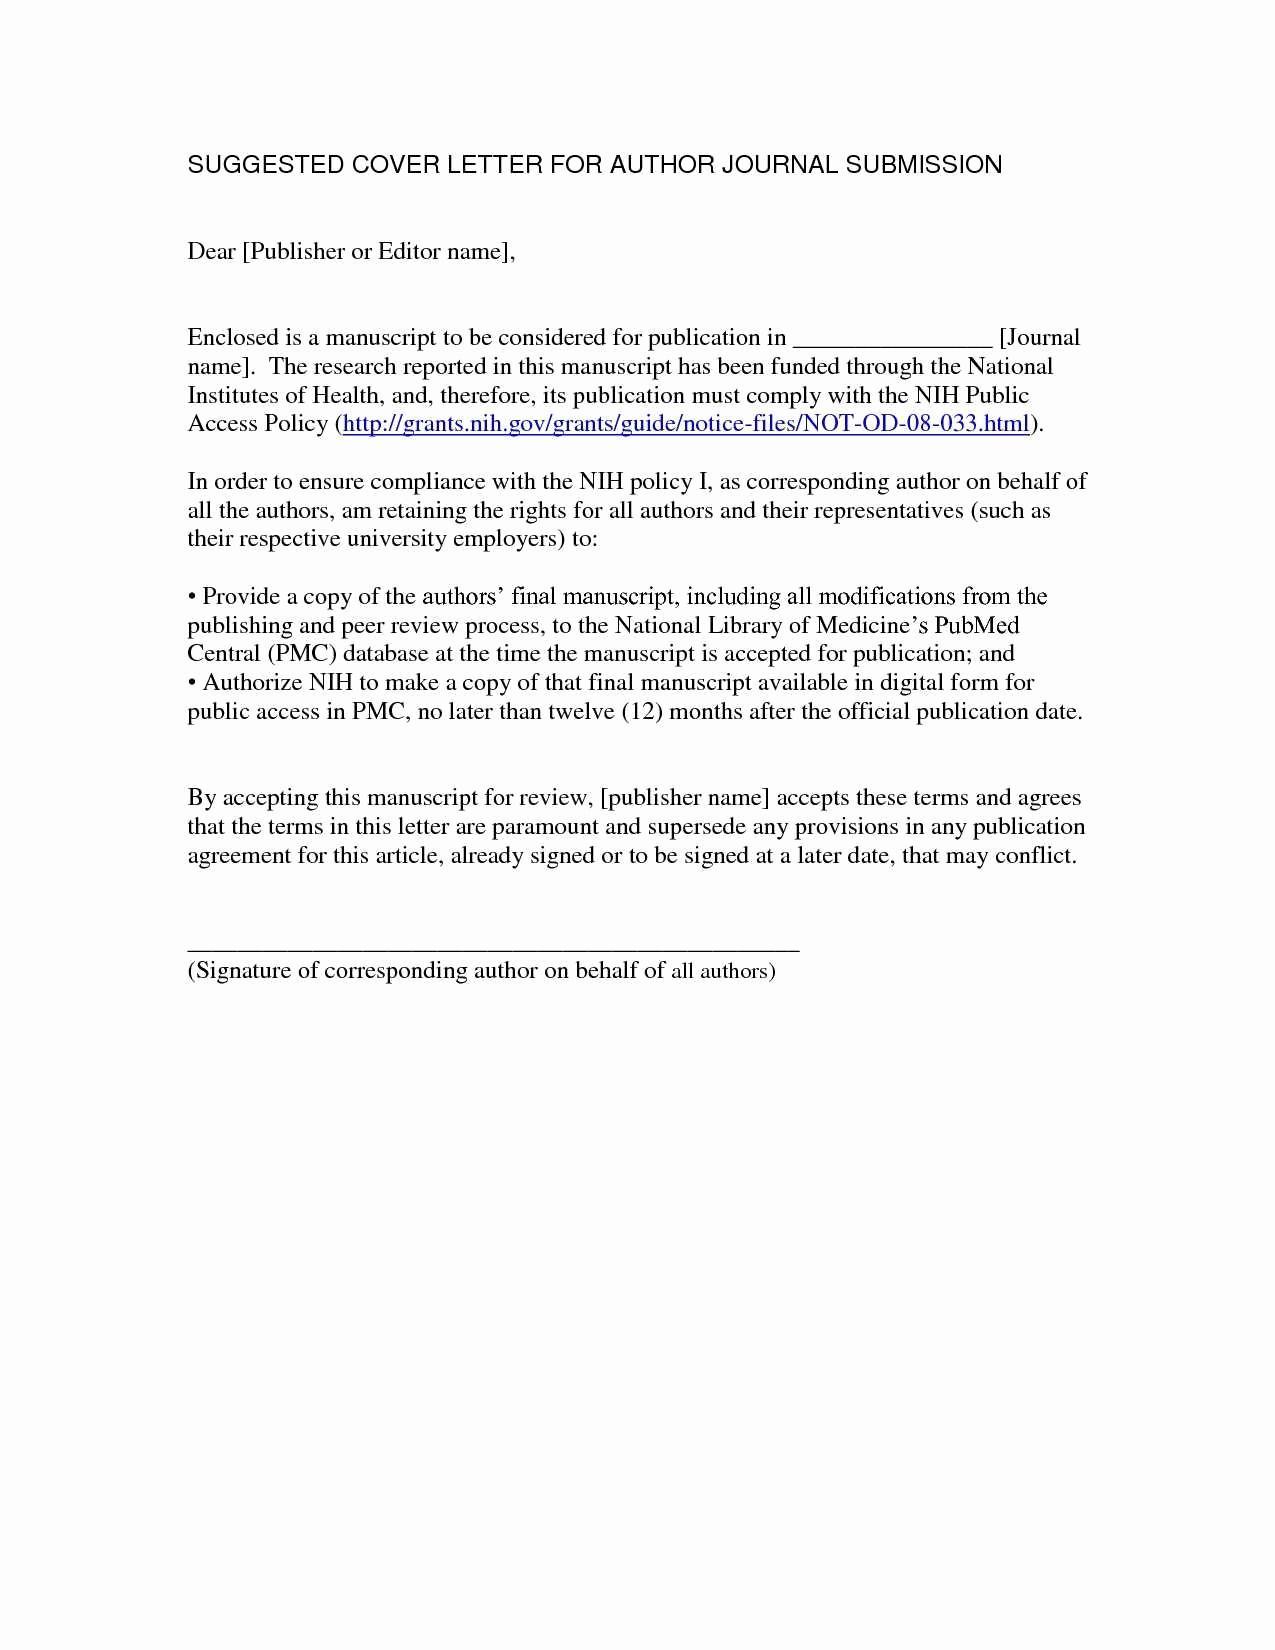 Artist Development Agreement Template